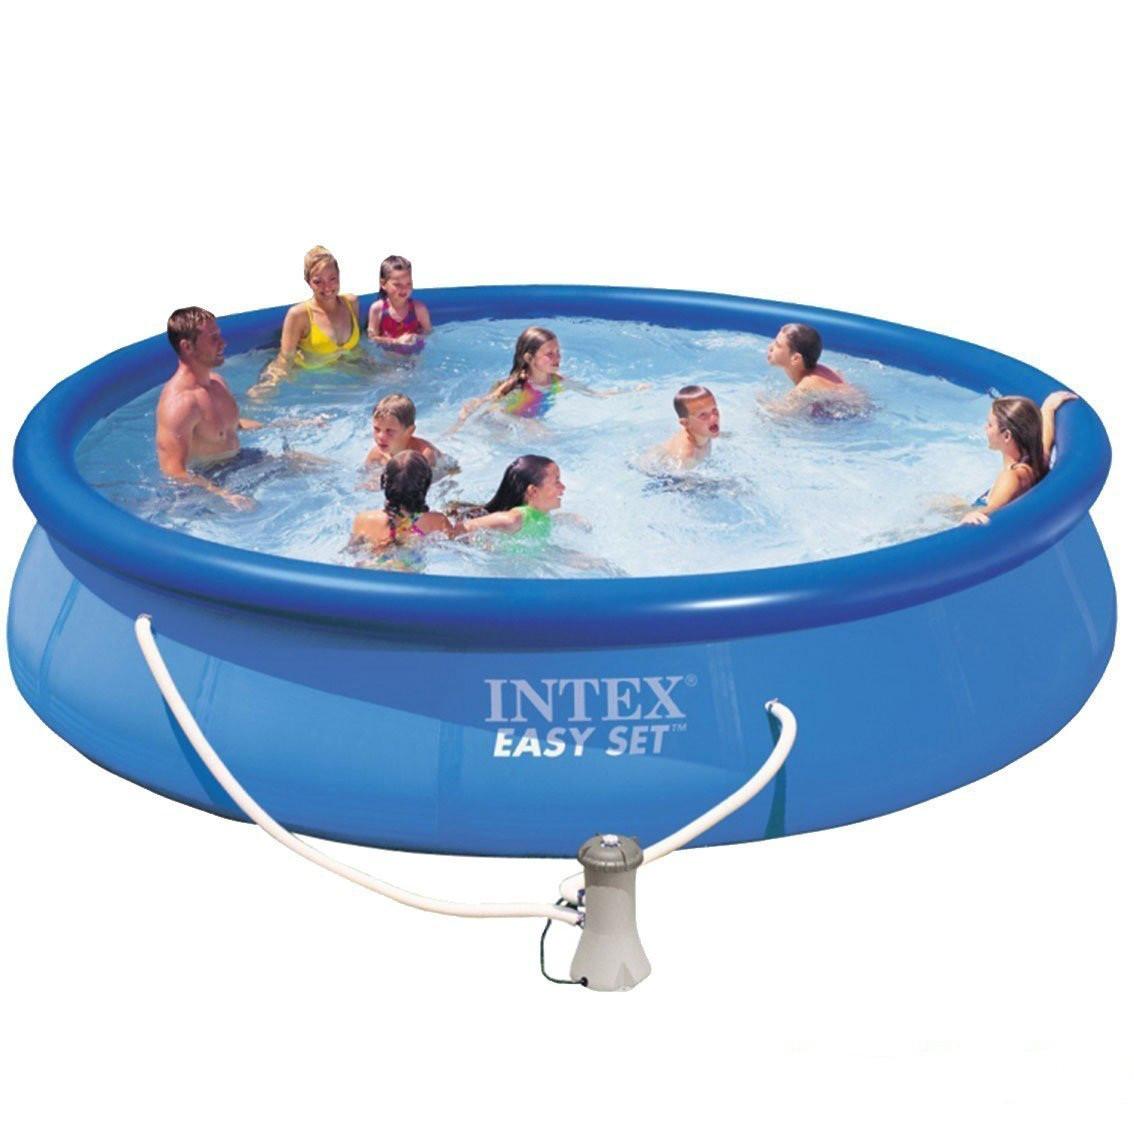 Надувной бассейн Intex 28158. Семейный Easy Set - 457 х 84 см Басейн